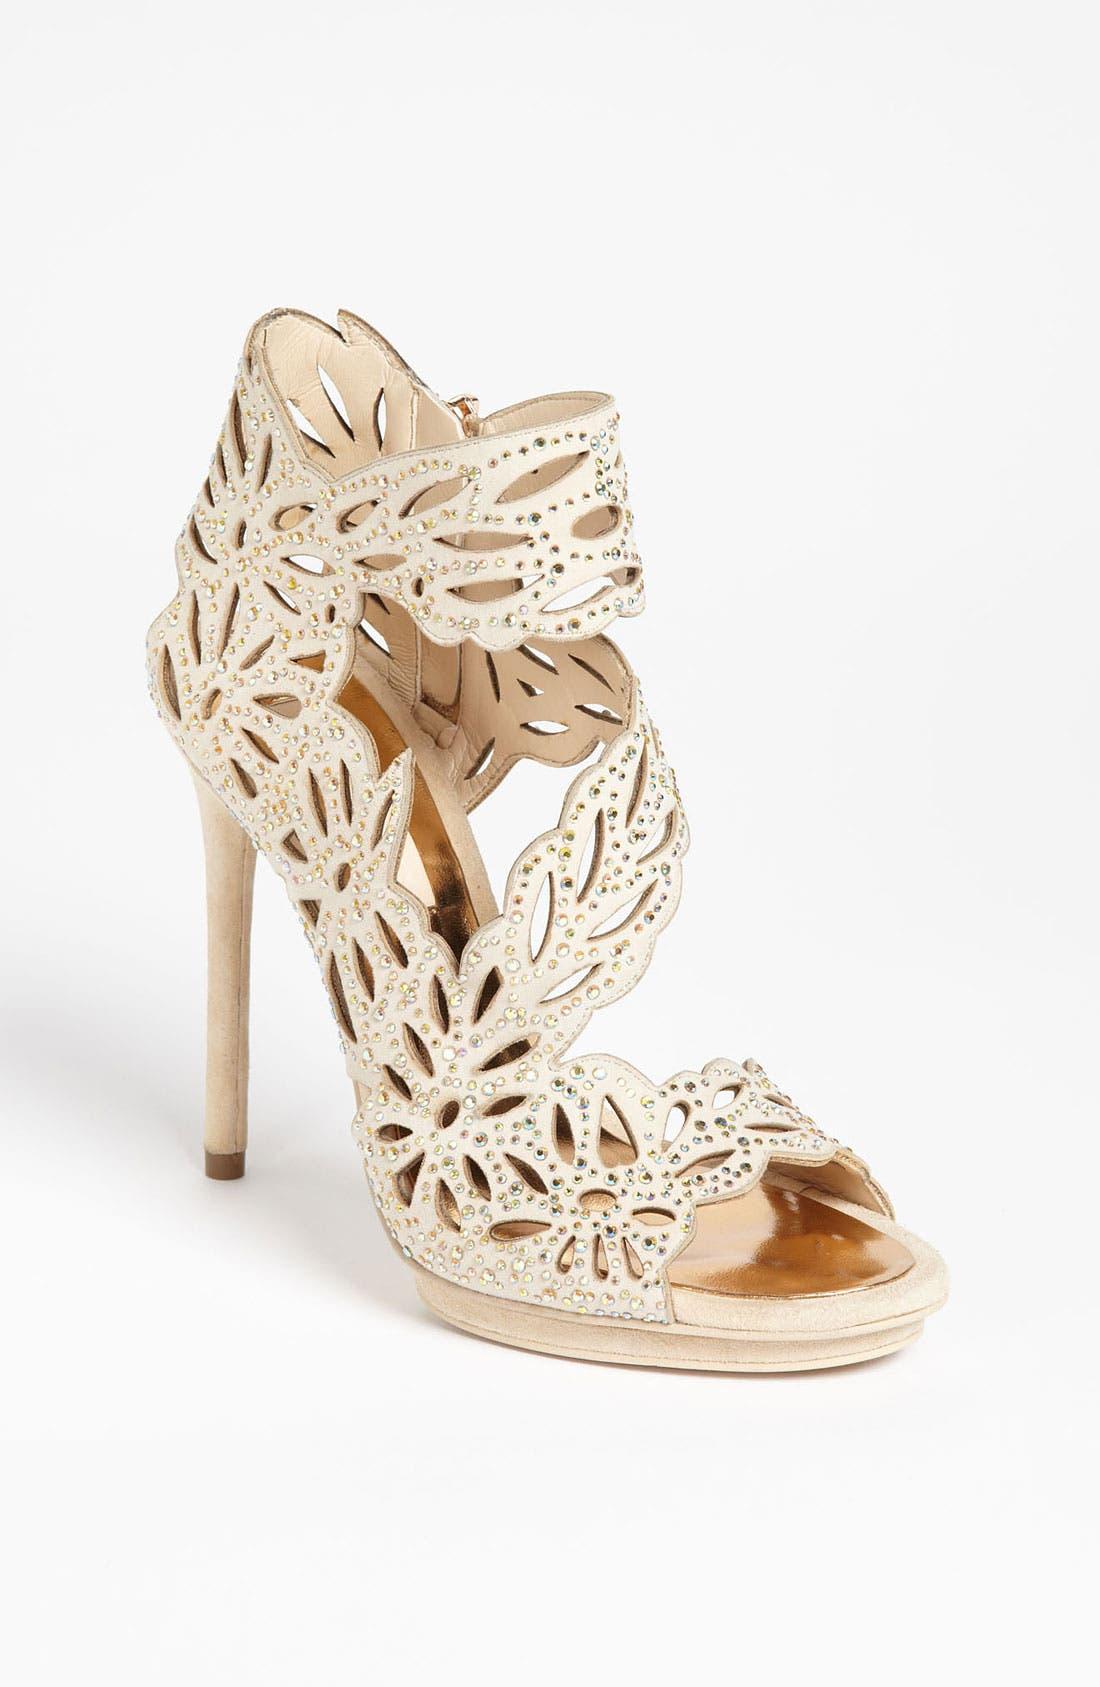 Main Image - BCBGMAXAZRIA 'Faricia' Sandal